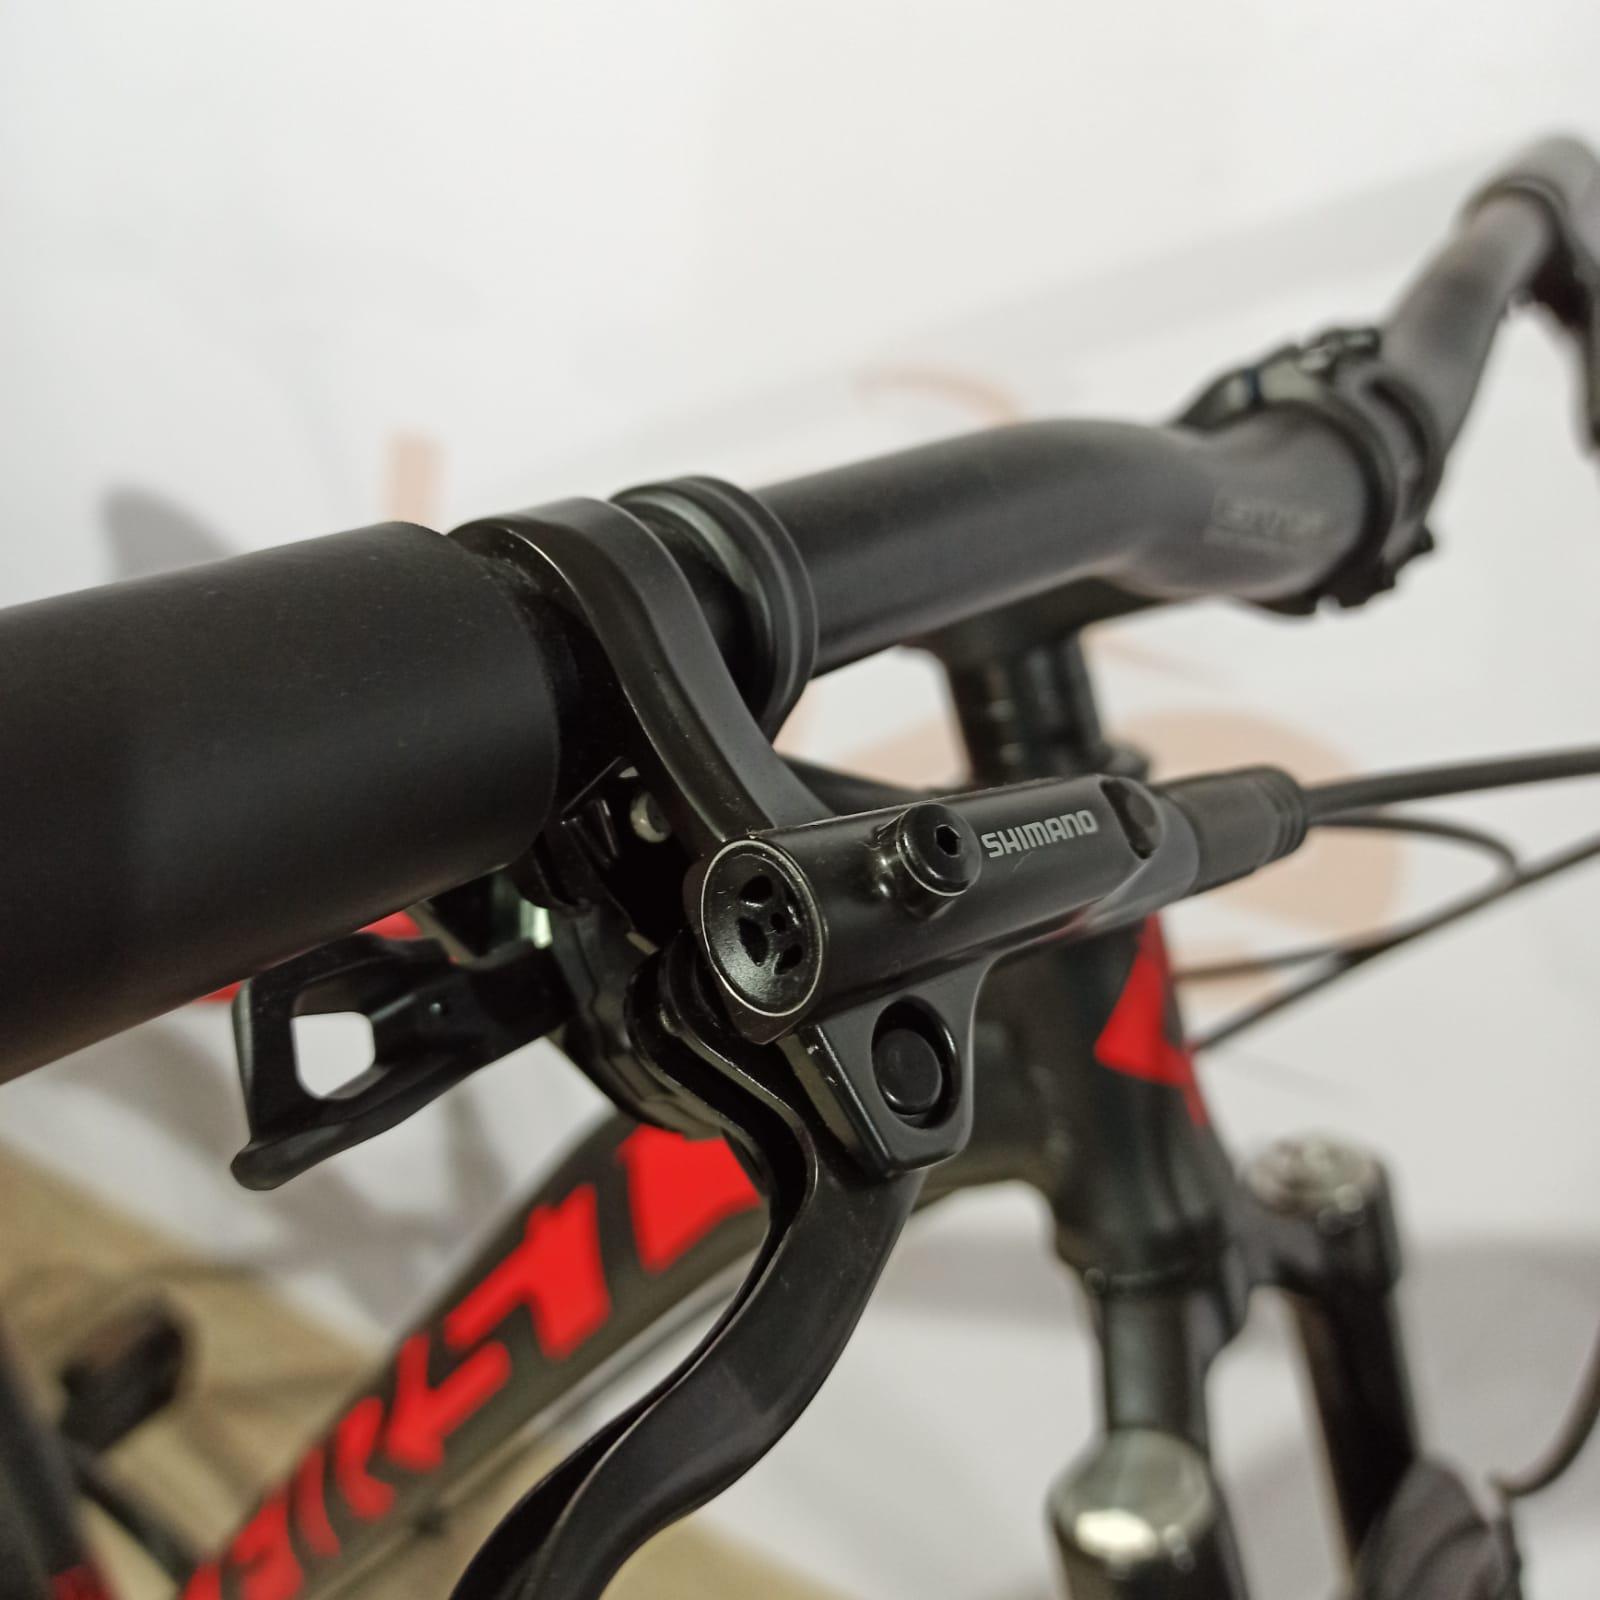 Bicicleta FIRST Lunix aro 29 - 12v Shimano Deore K7 10/51 dentes - Suspensão Pro Shock Ultra a AR